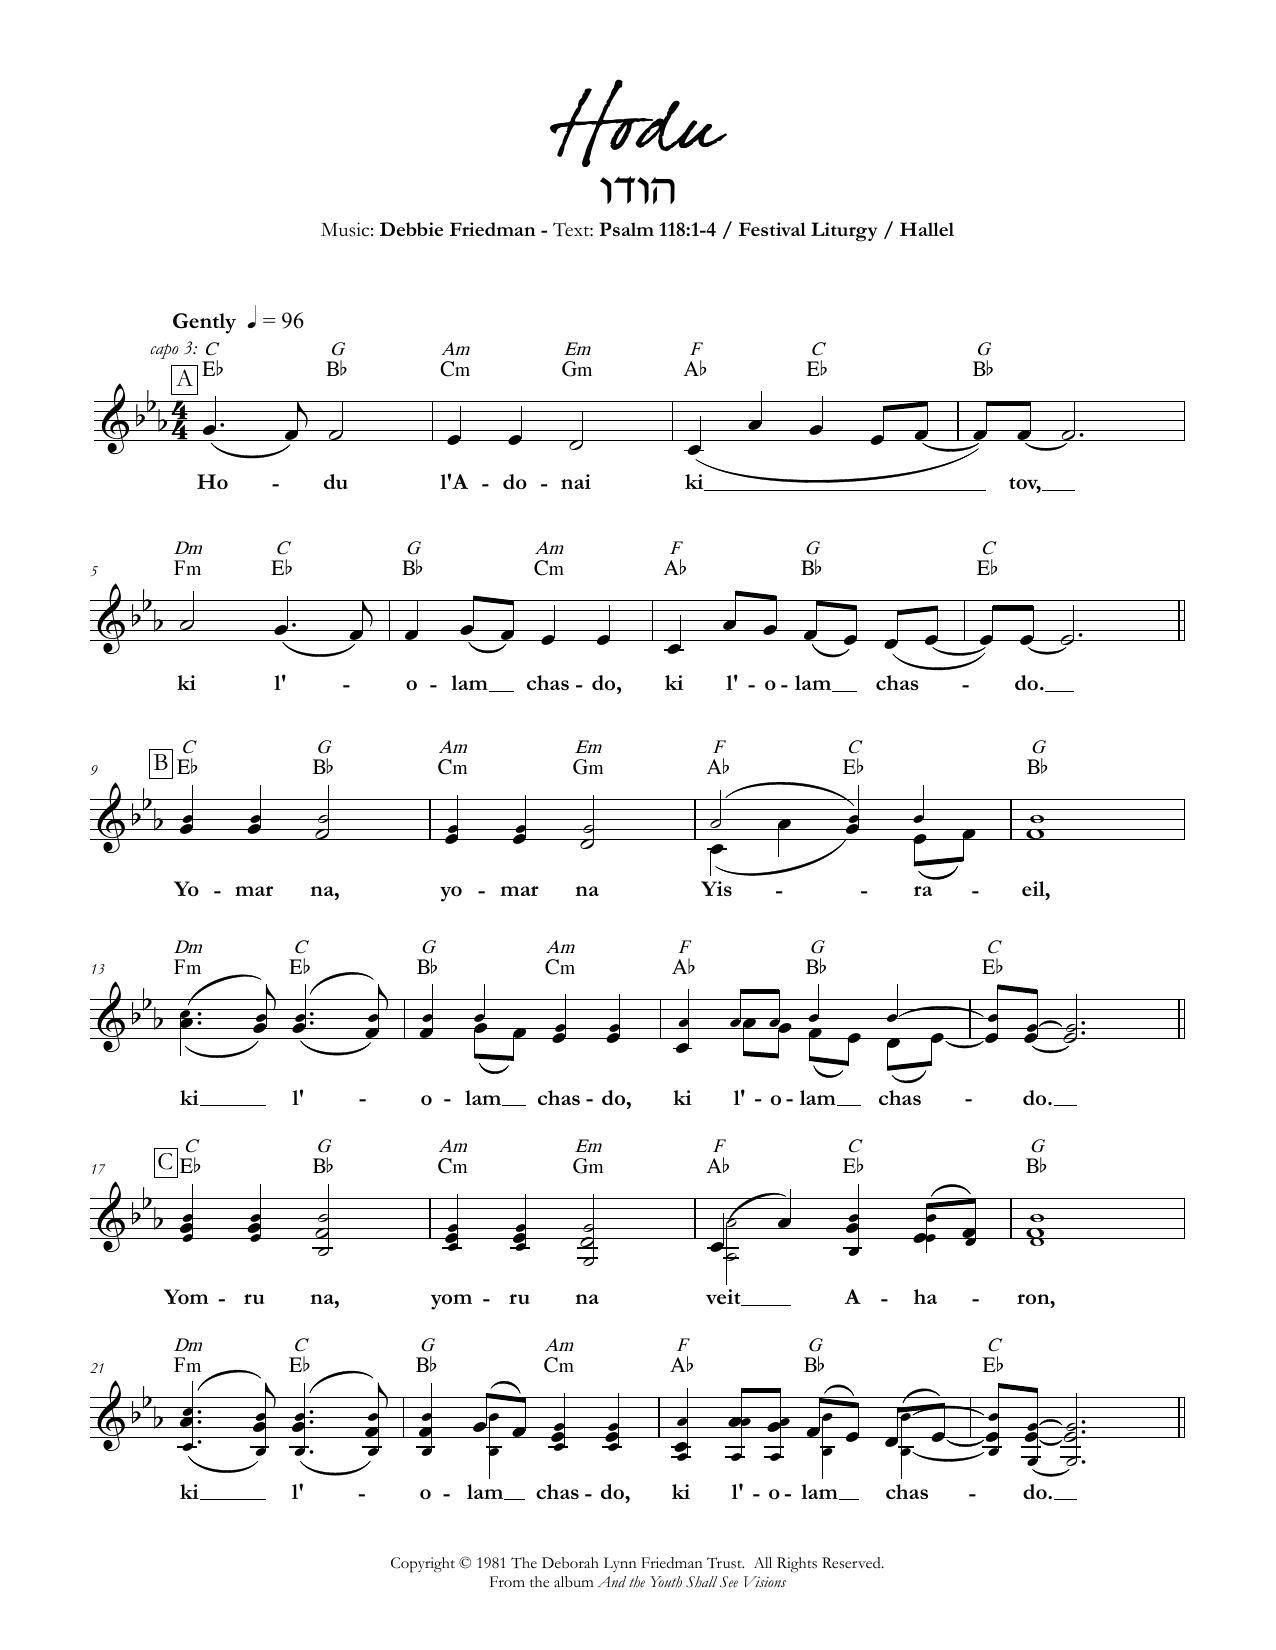 Hodu Sheet Music